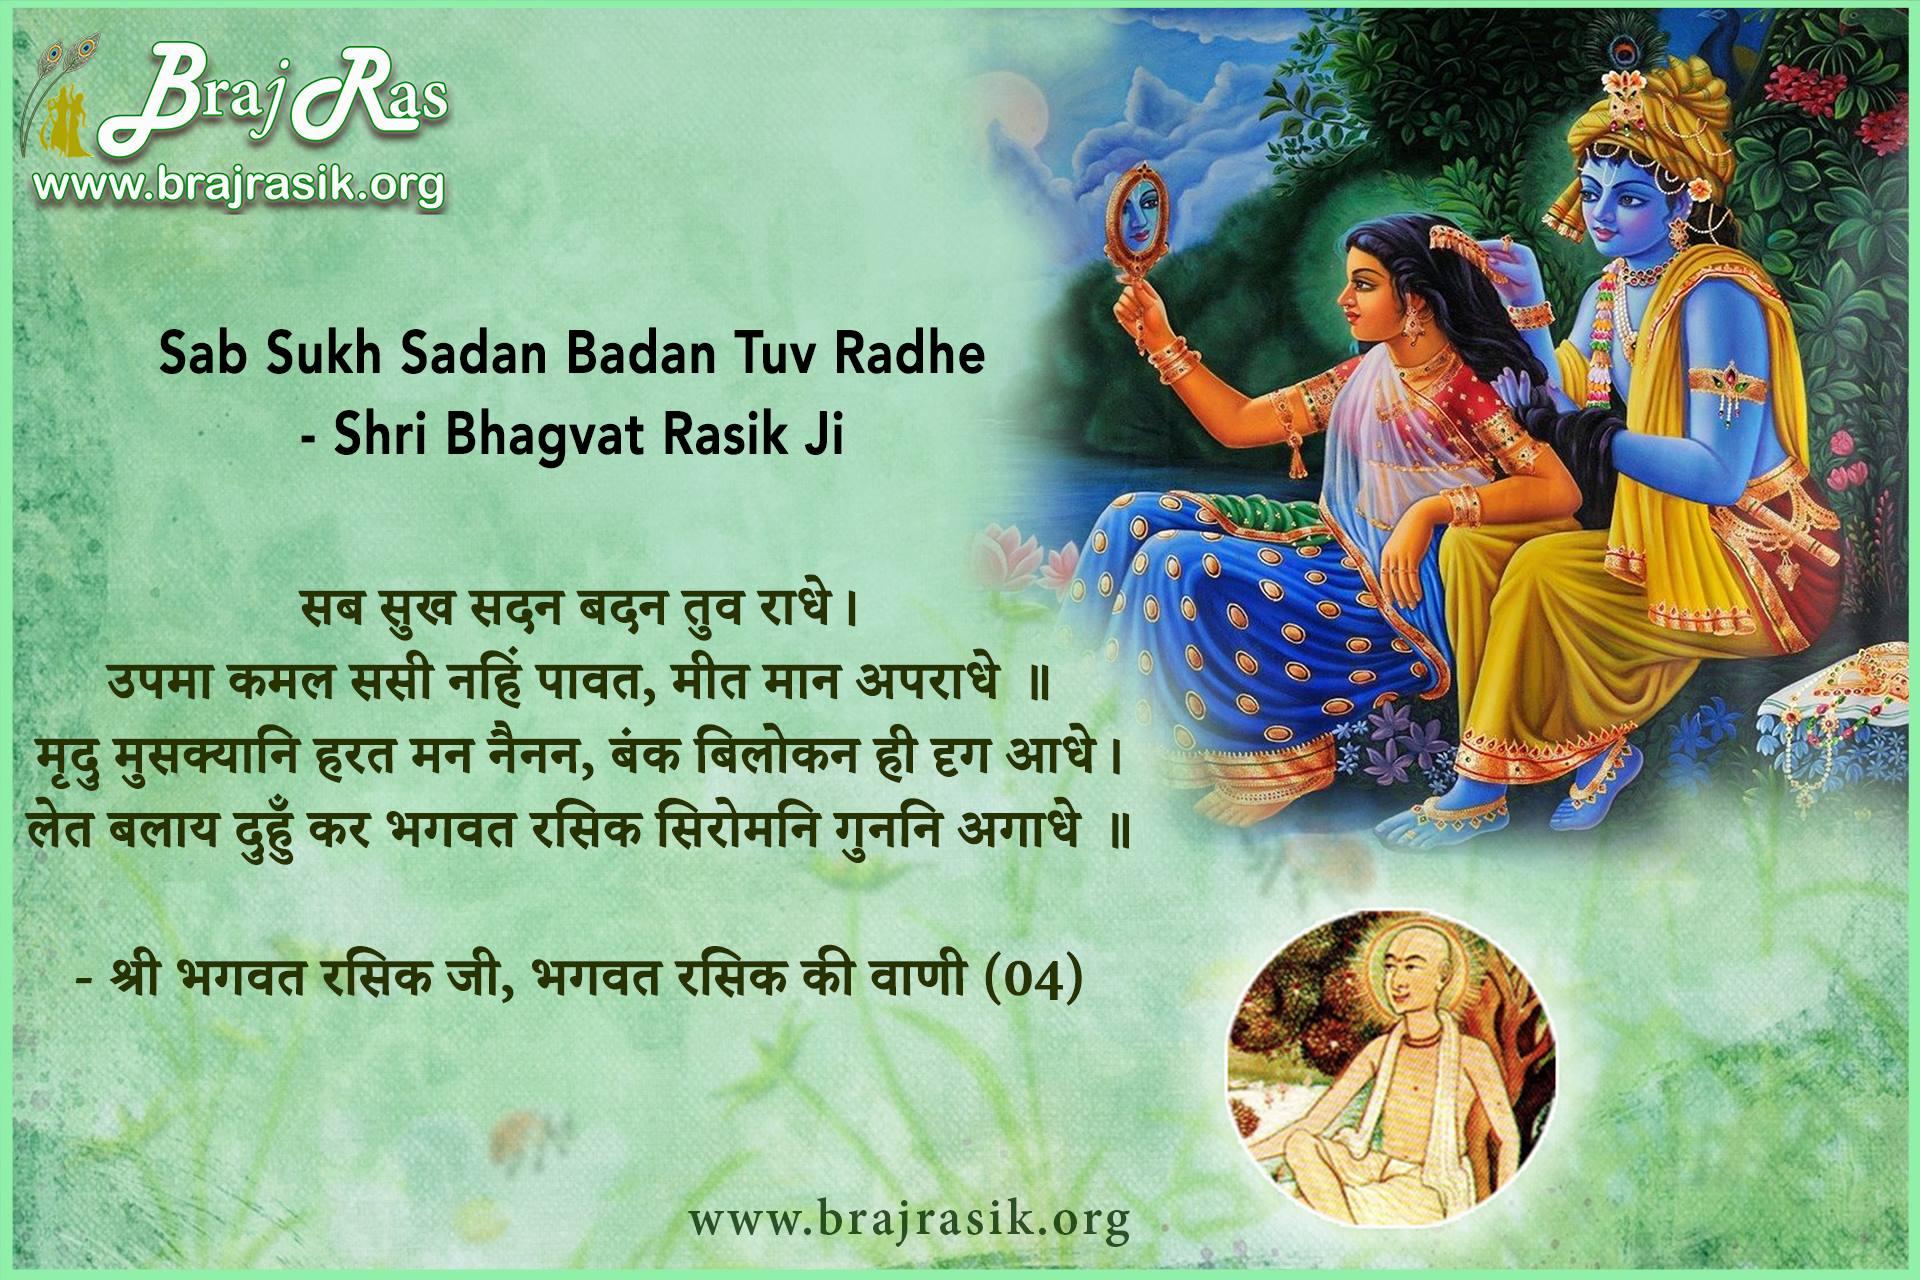 Sab Sukh Sadan Badan Tuv Radhe - Shri Bhagwat Rasik, Bhagwat Rasik Ki Vani (04)